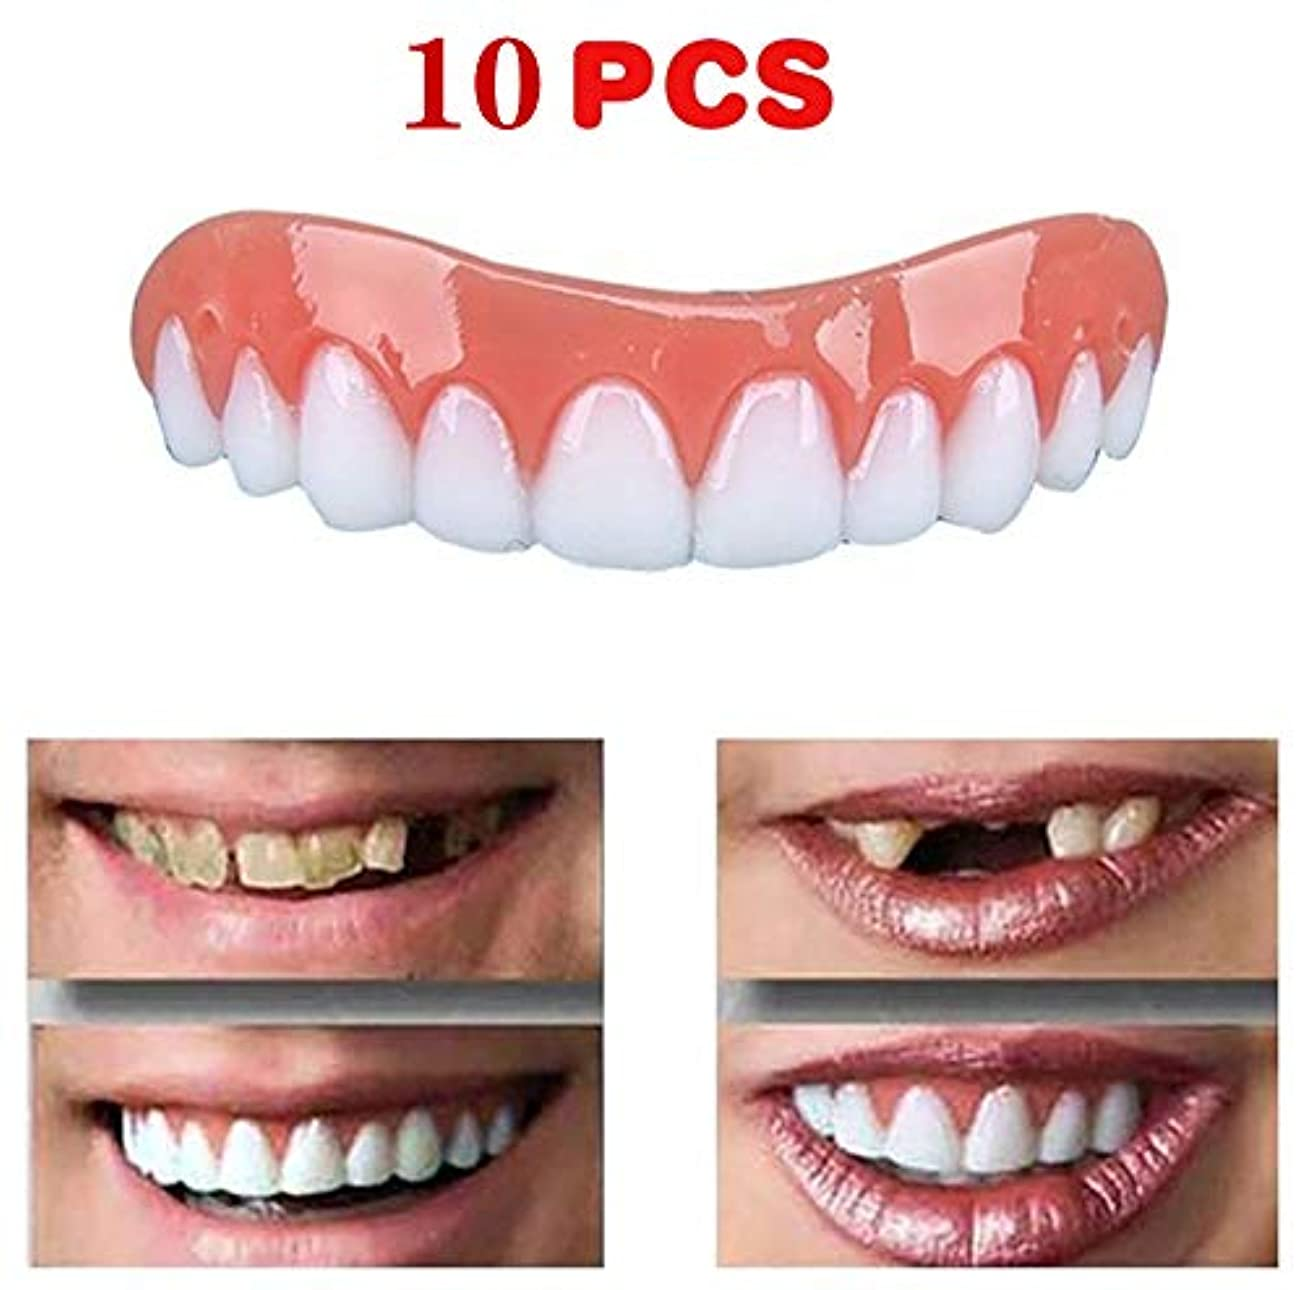 ティーンエイジャーくるみ二週間新しい再利用可能な大人のスナップオンパーフェクトスマイルホワイトニング義歯フィットフレックス化粧品歯快適なベニアカバーデンタルケアアクセサリー